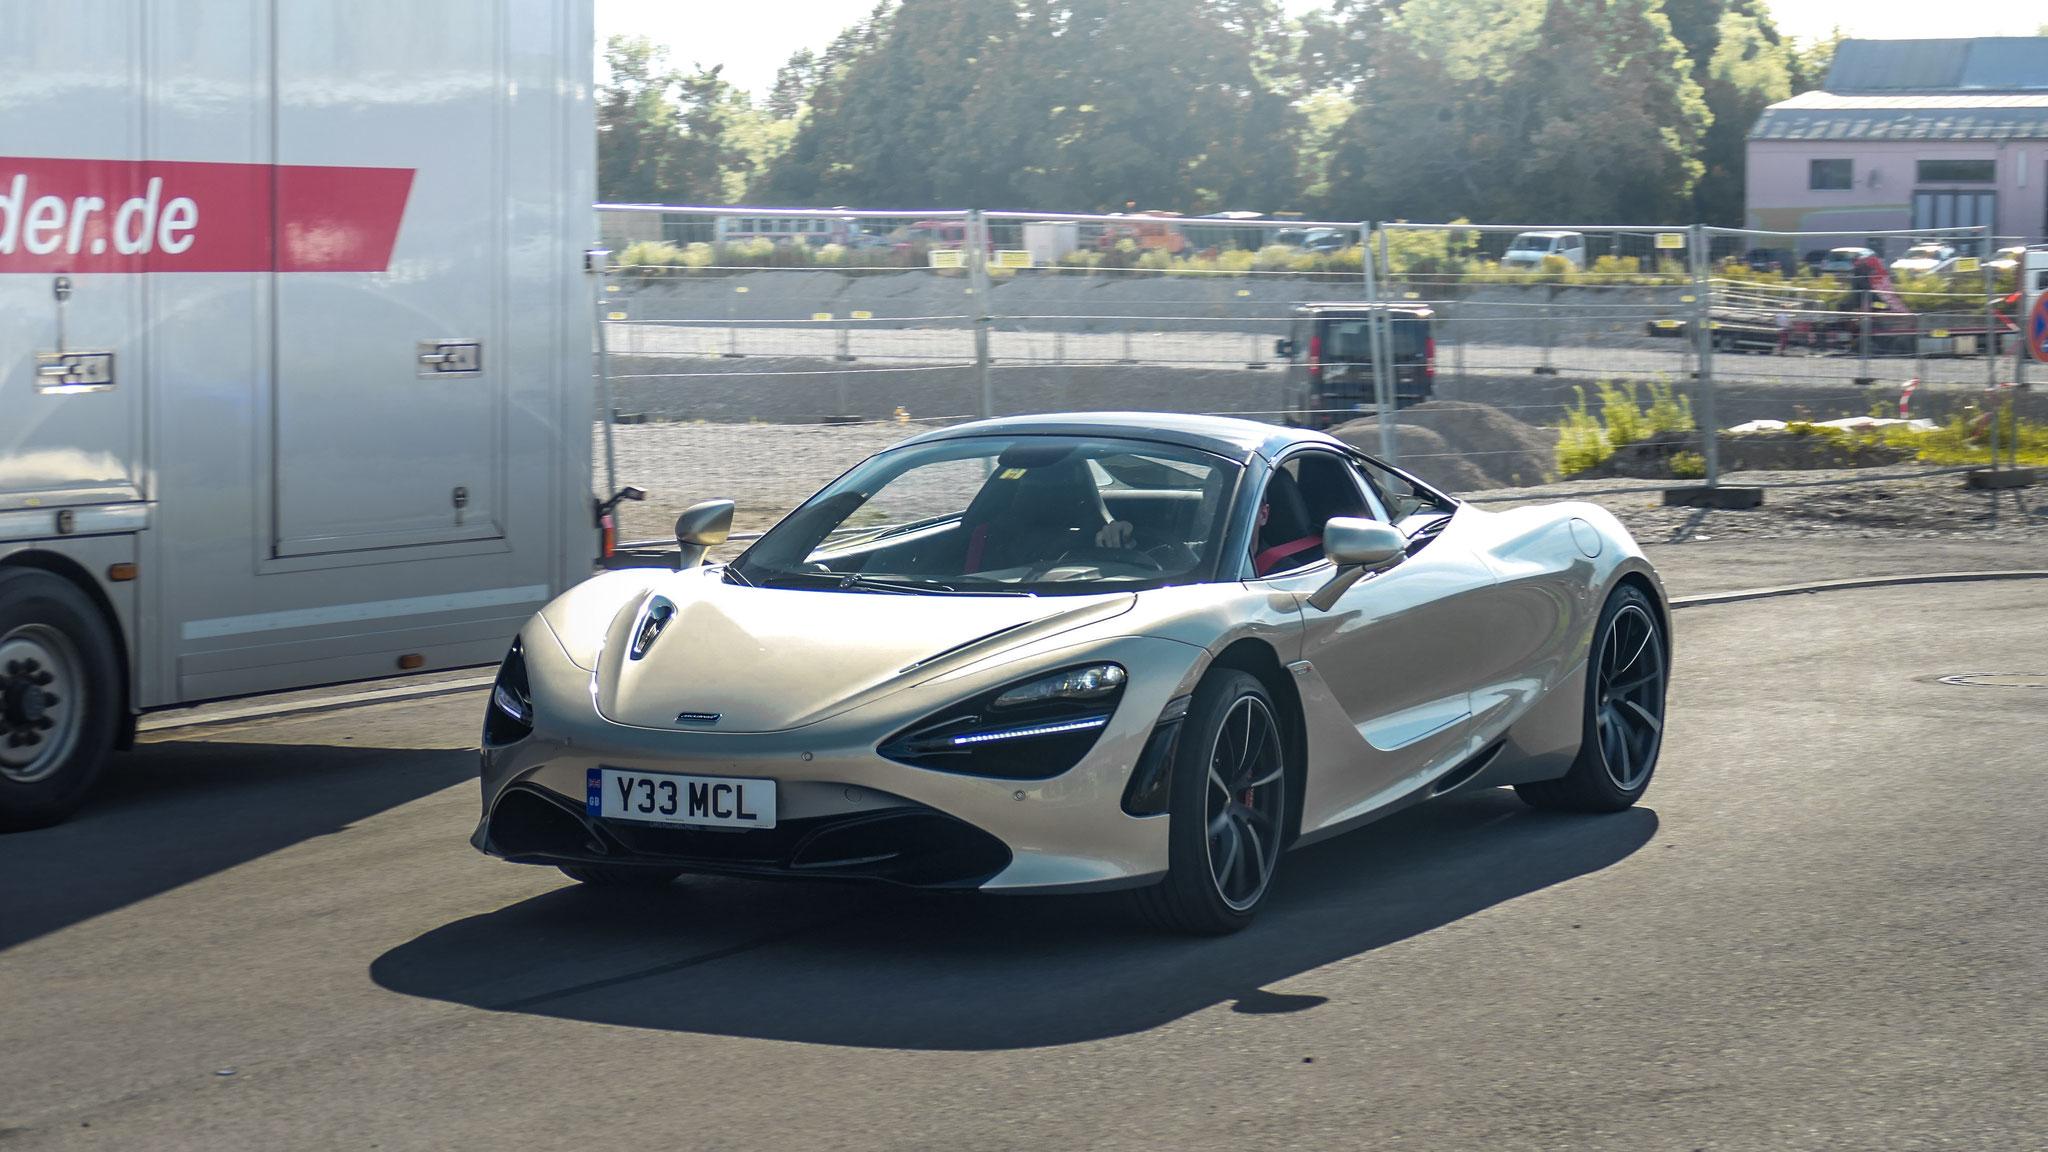 McLaren 720S - Y33-MCL (GB)